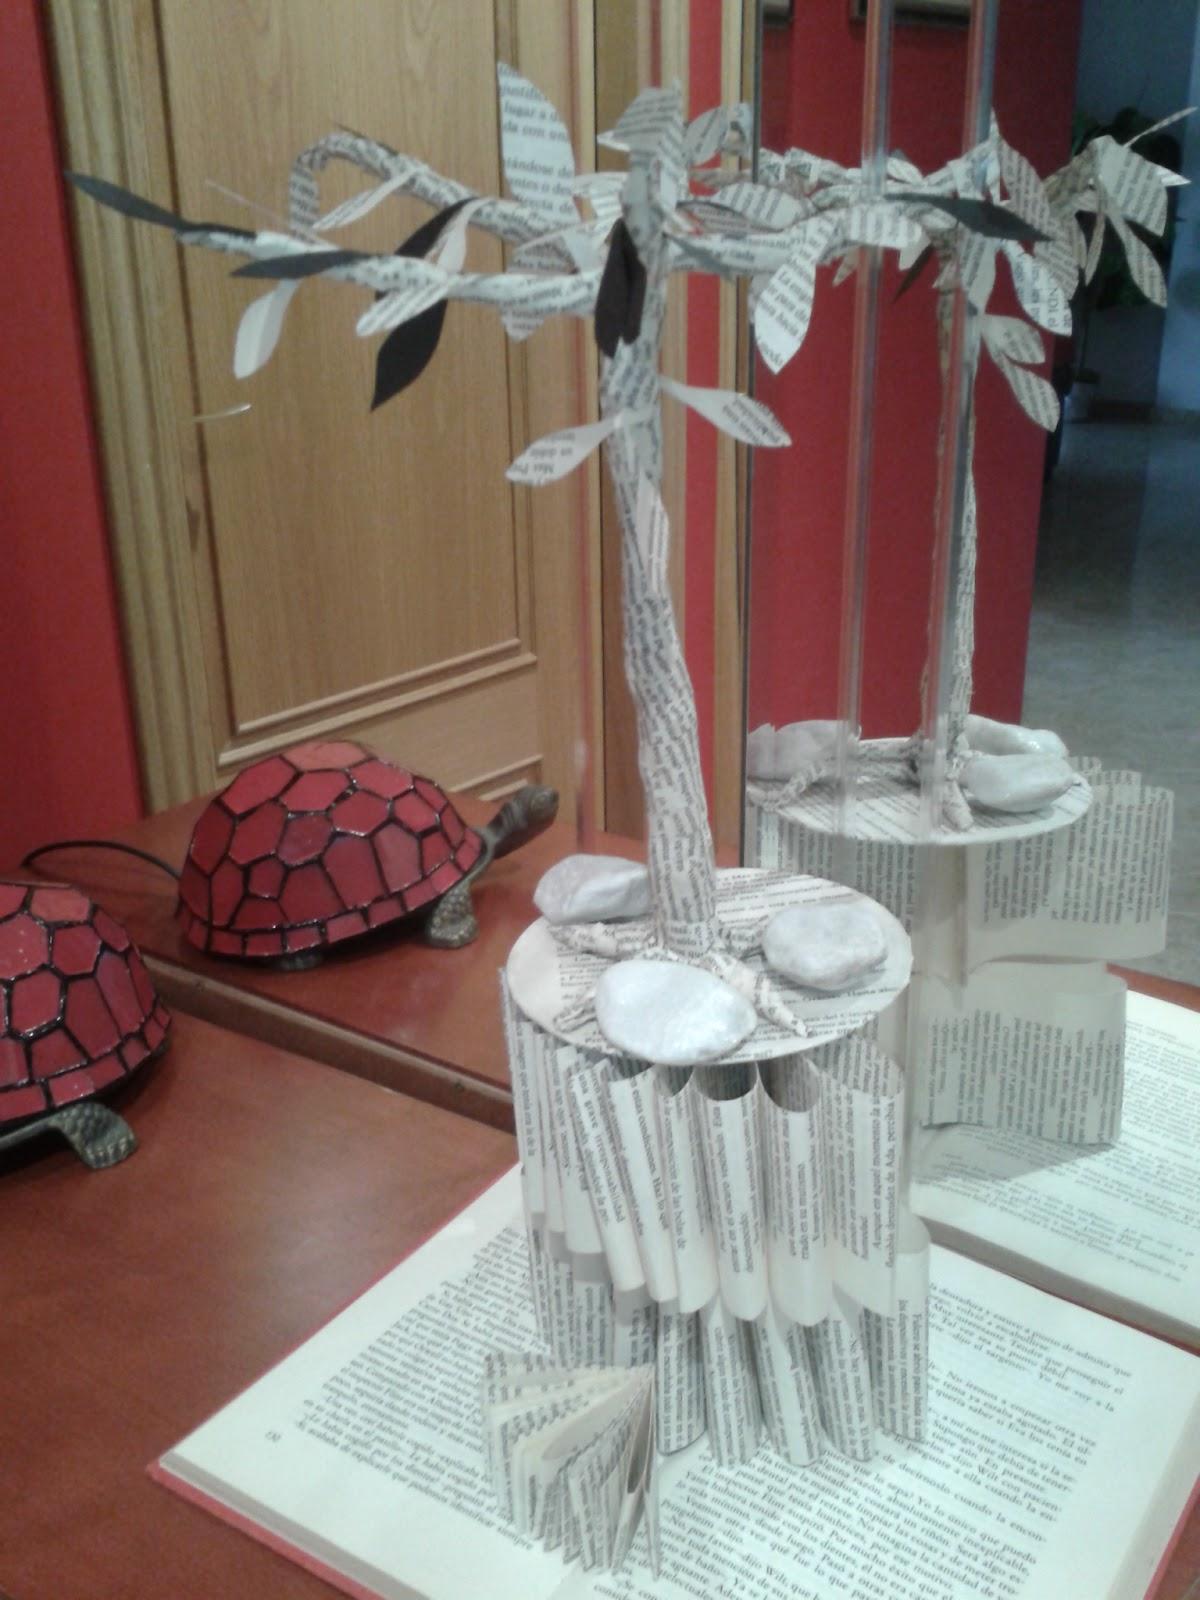 Manualidades y creaciones xelynilandia decoraci n - Decoracion alternativa ...